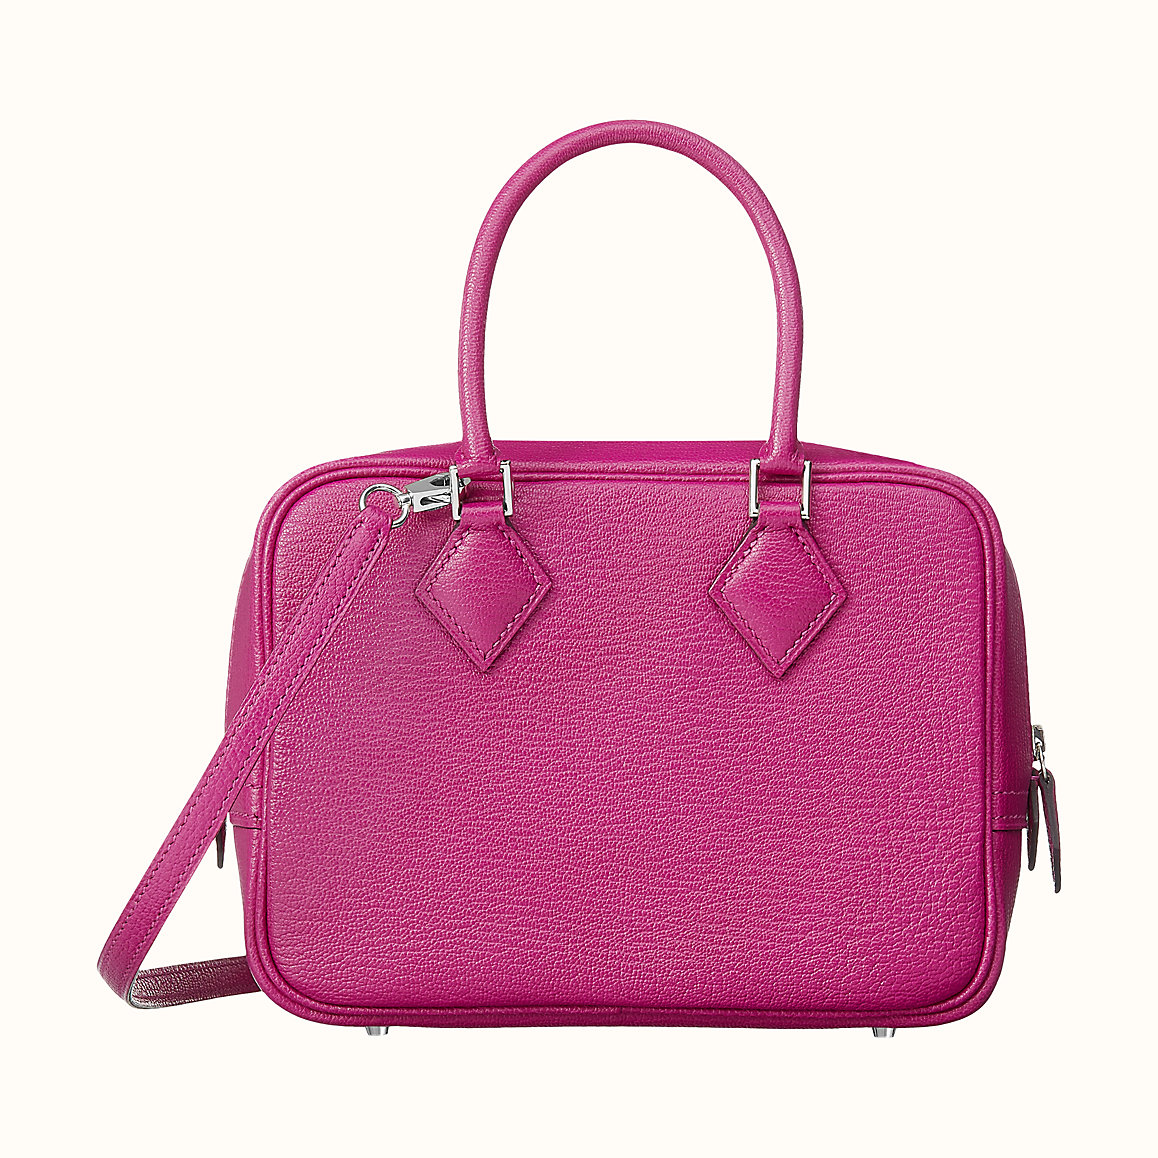 30代の女性に似合うエルメスのレディースバッグ